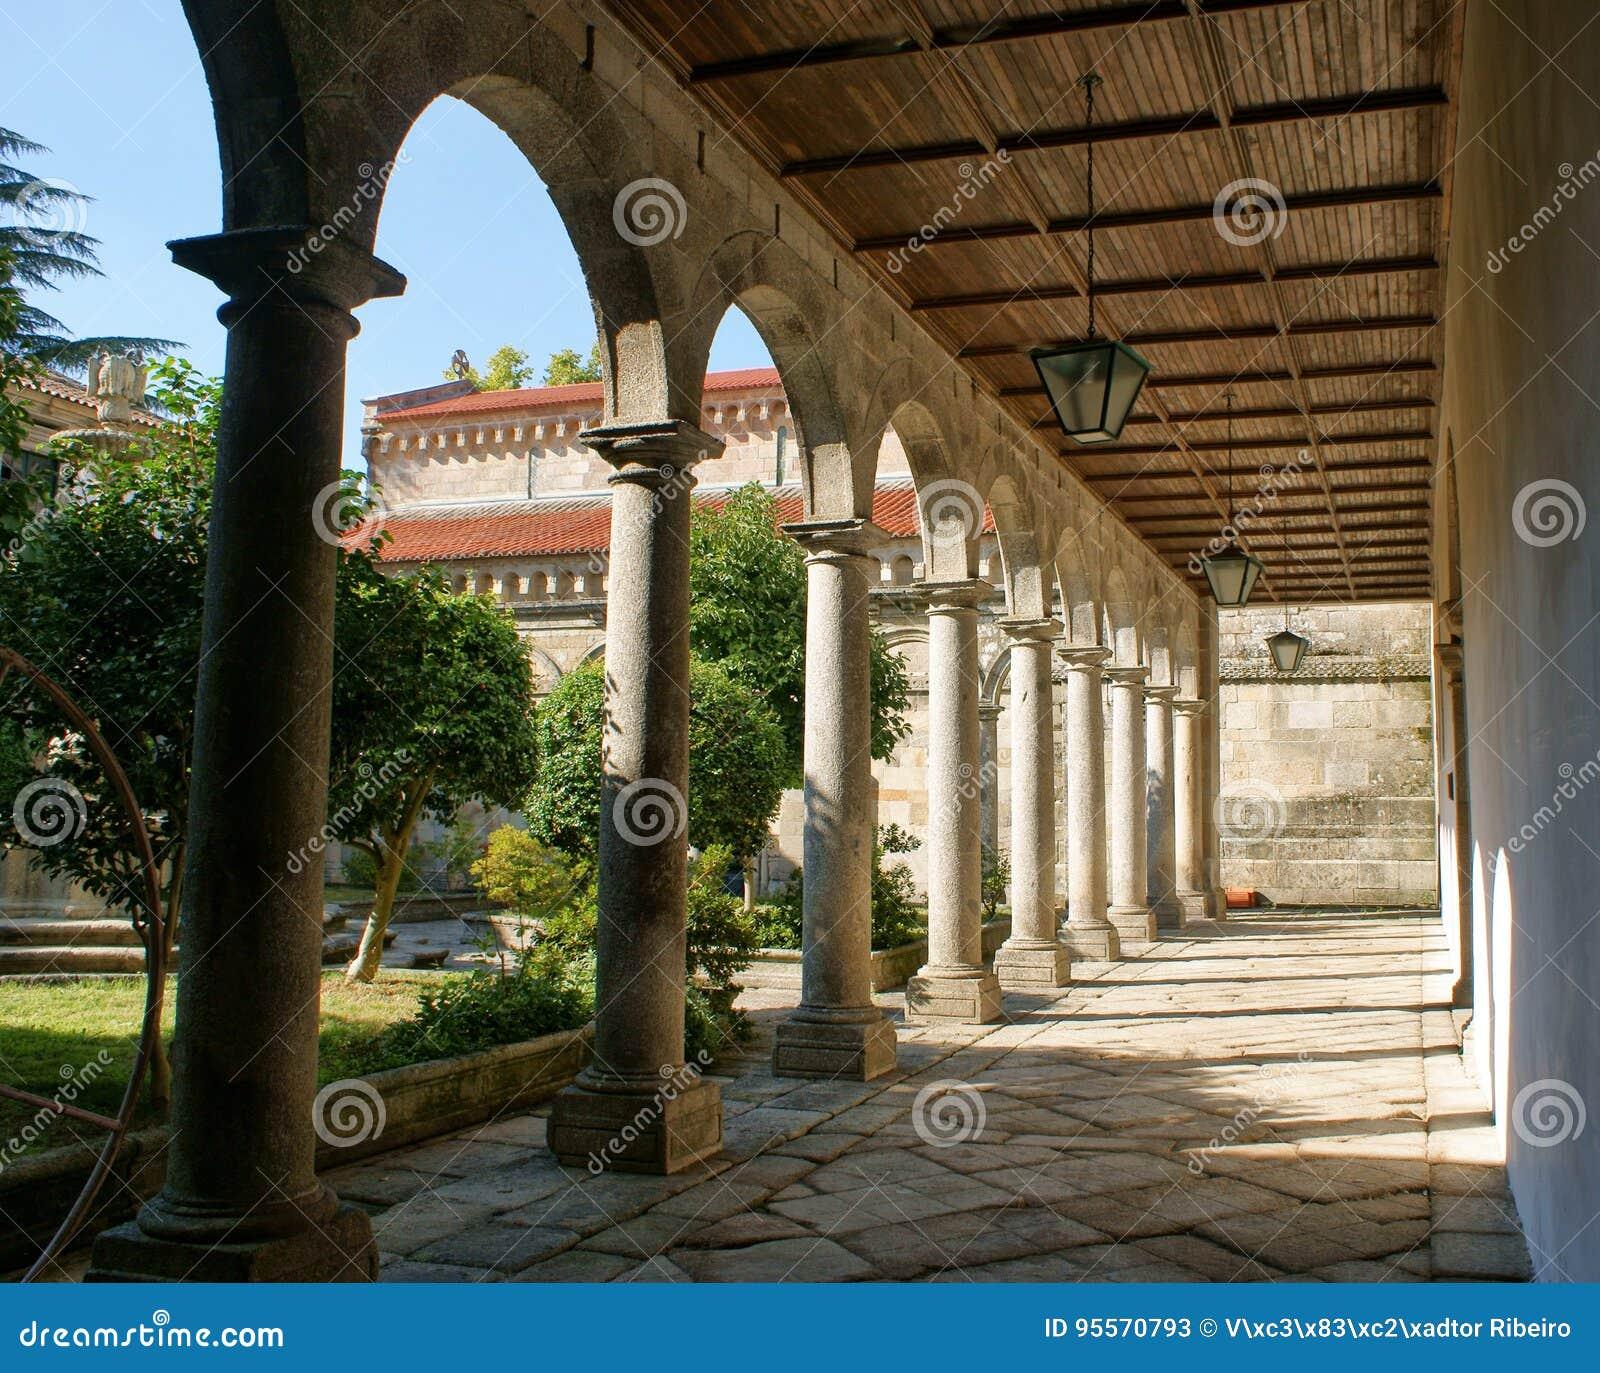 Cloister of romanesque monastery of Paco de Sousa